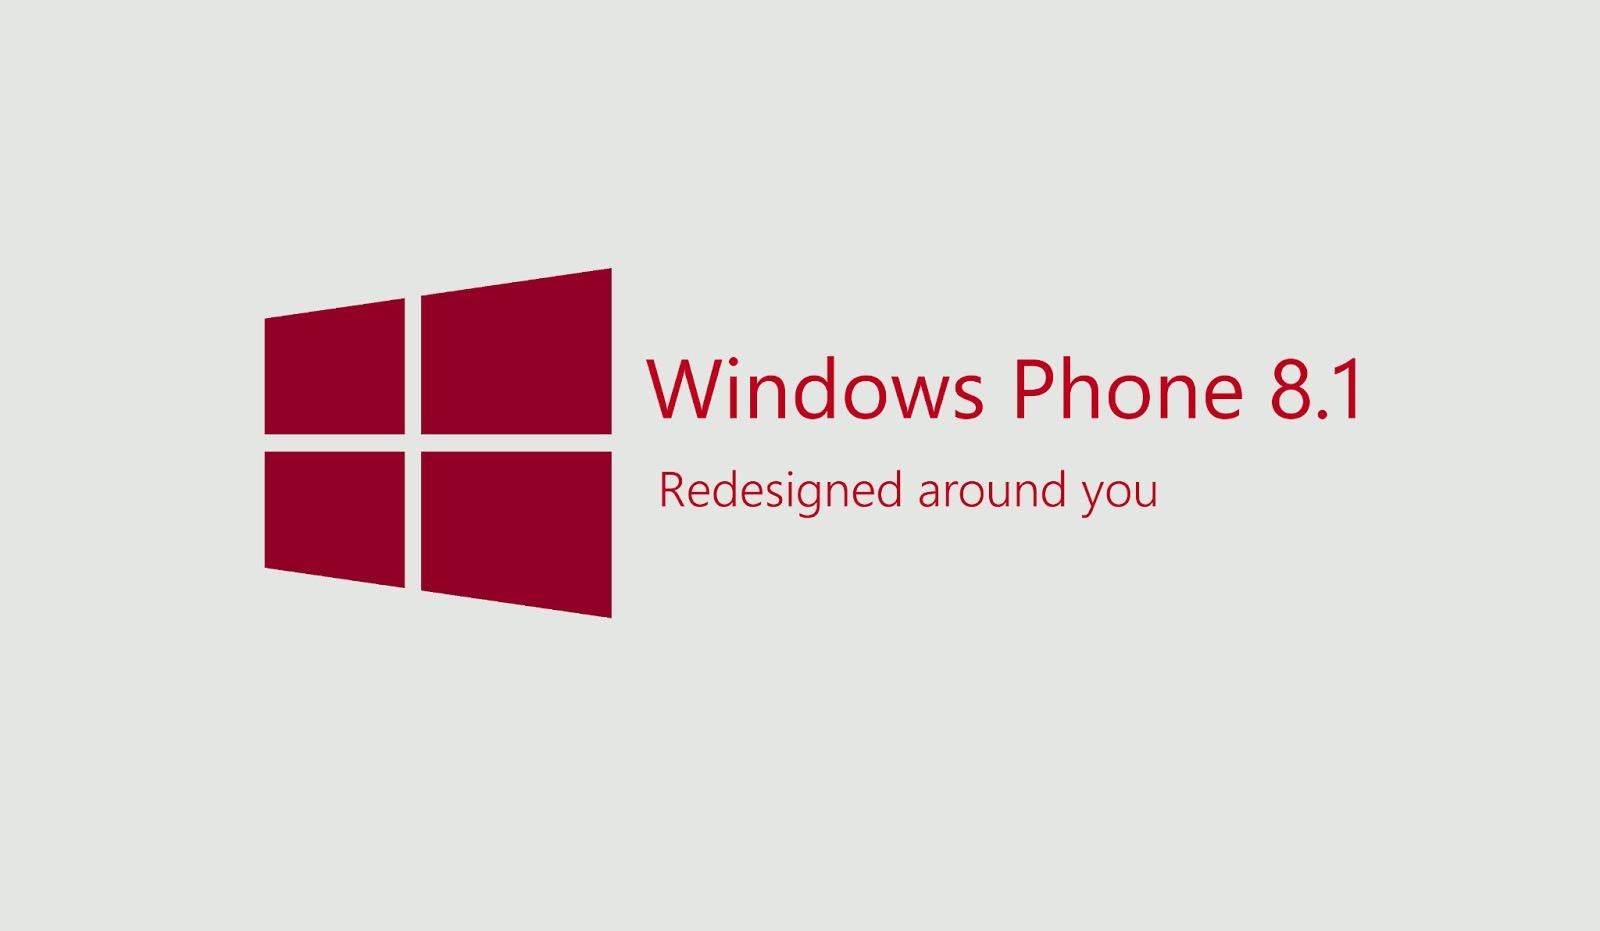 Windows Phone 8.1 օպերացիոն համակարգով առաջին սմարթֆոնները կթողարկվեն ապրիլի վերջին